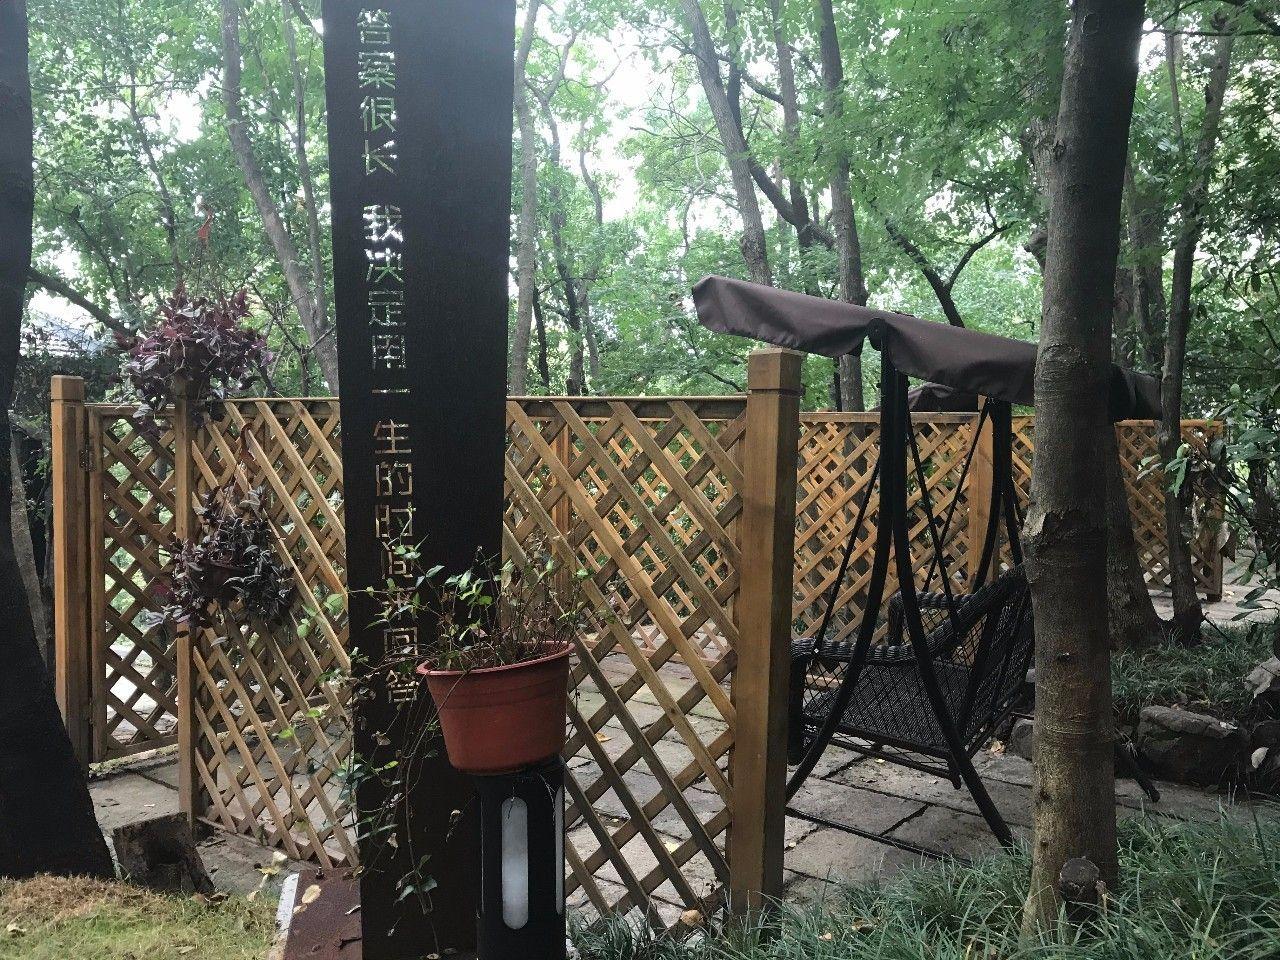 人去住了杭州的情侣情趣,它要v情侣你对情趣的美女图片透视酒店图片